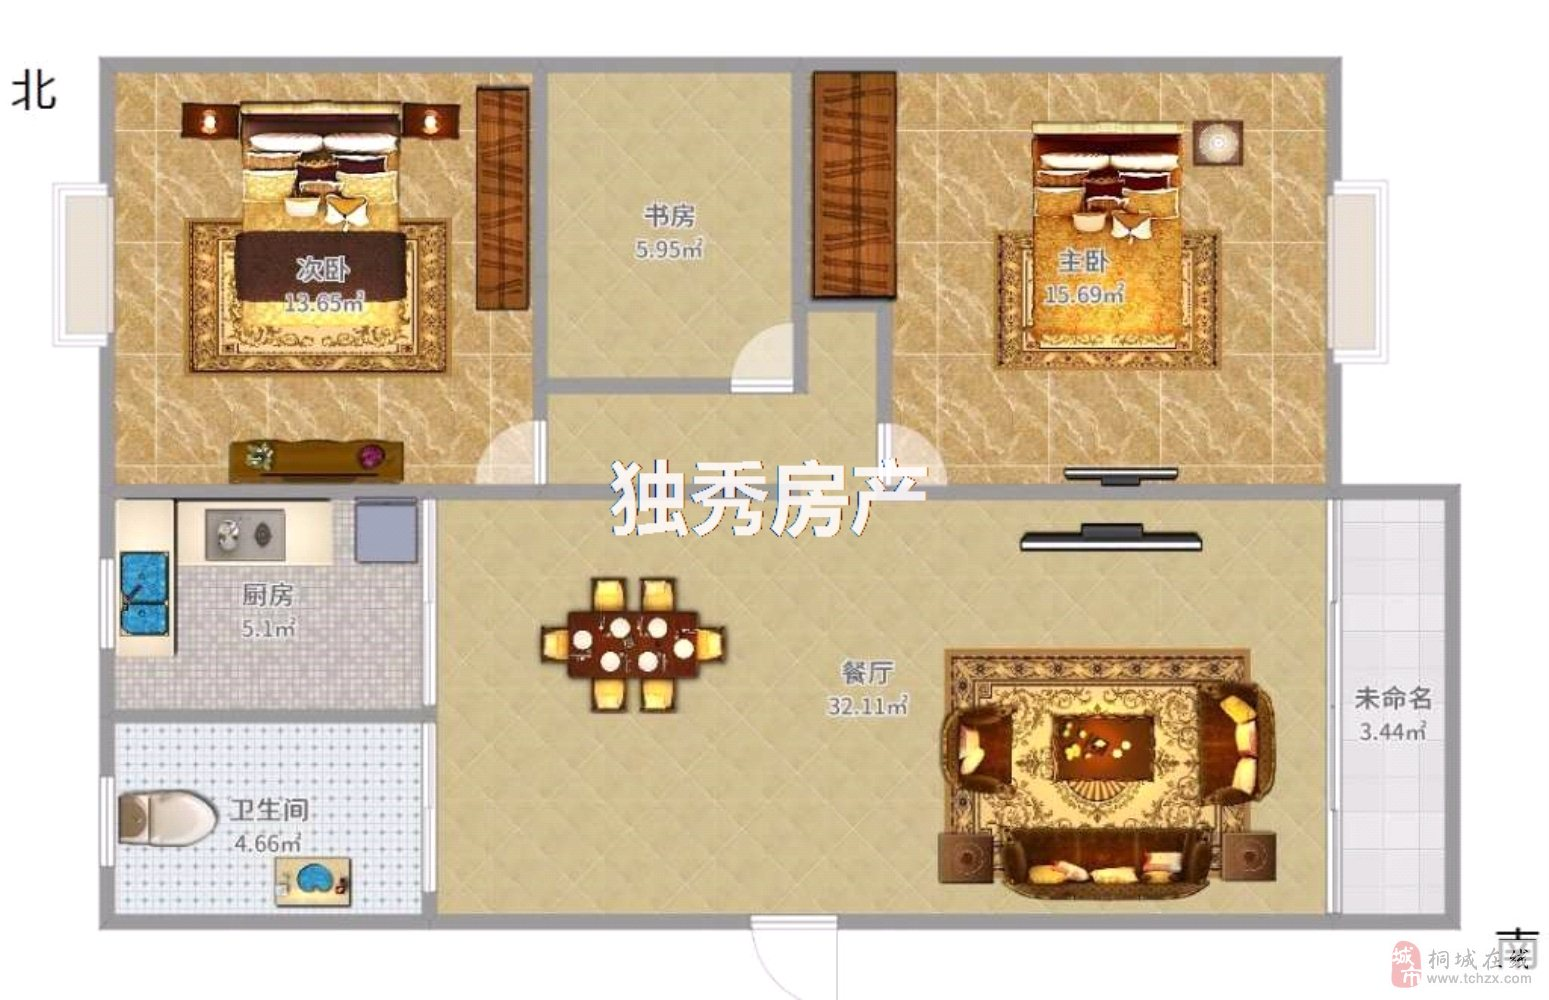 兴尔旺大市场3室2厅1卫33万元